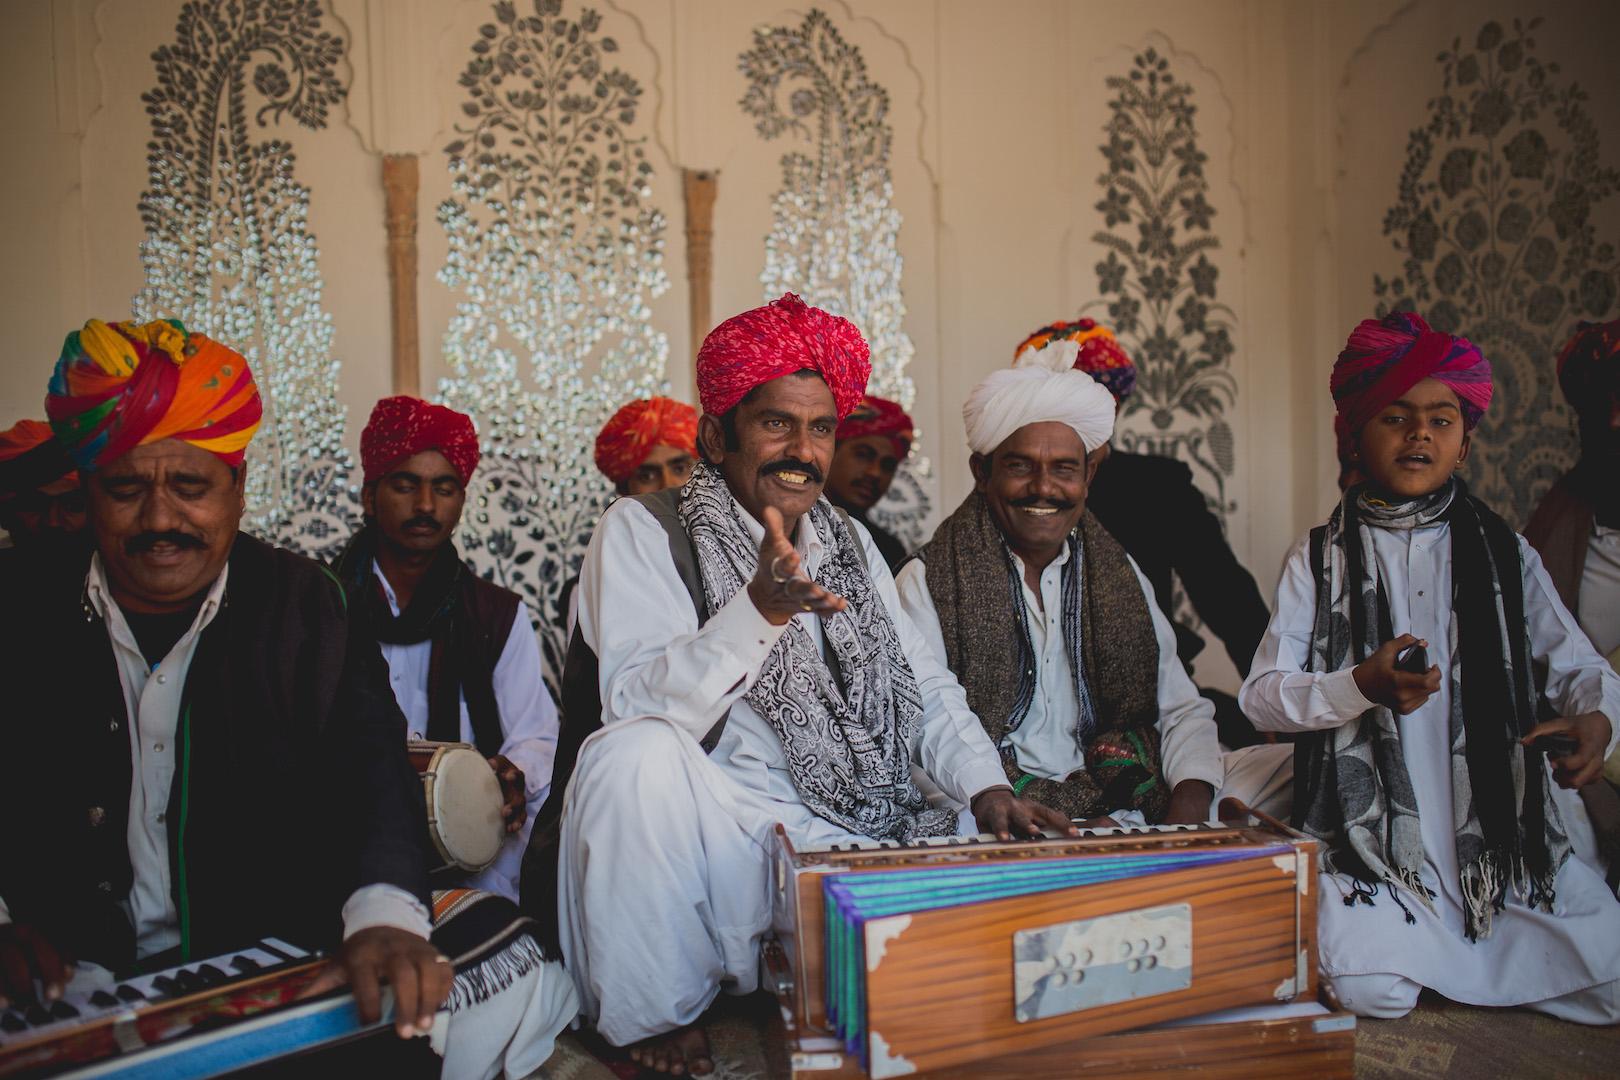 sufi-festival-nagaur-jodhpur-20.jpg